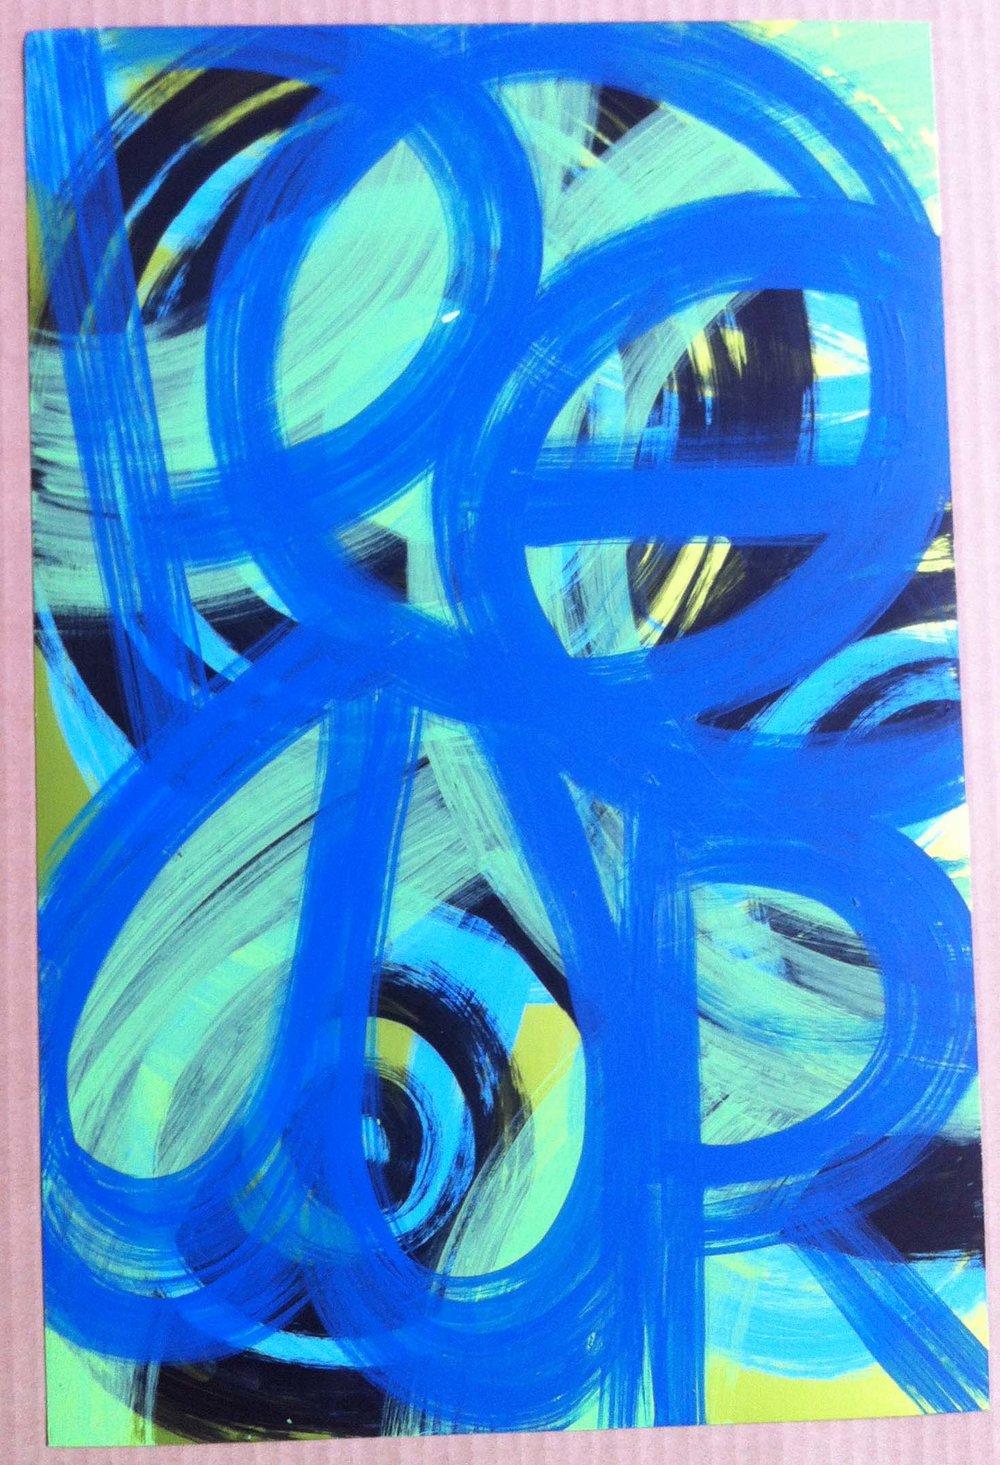 16. Acrylic on metallic paper: 12x19in